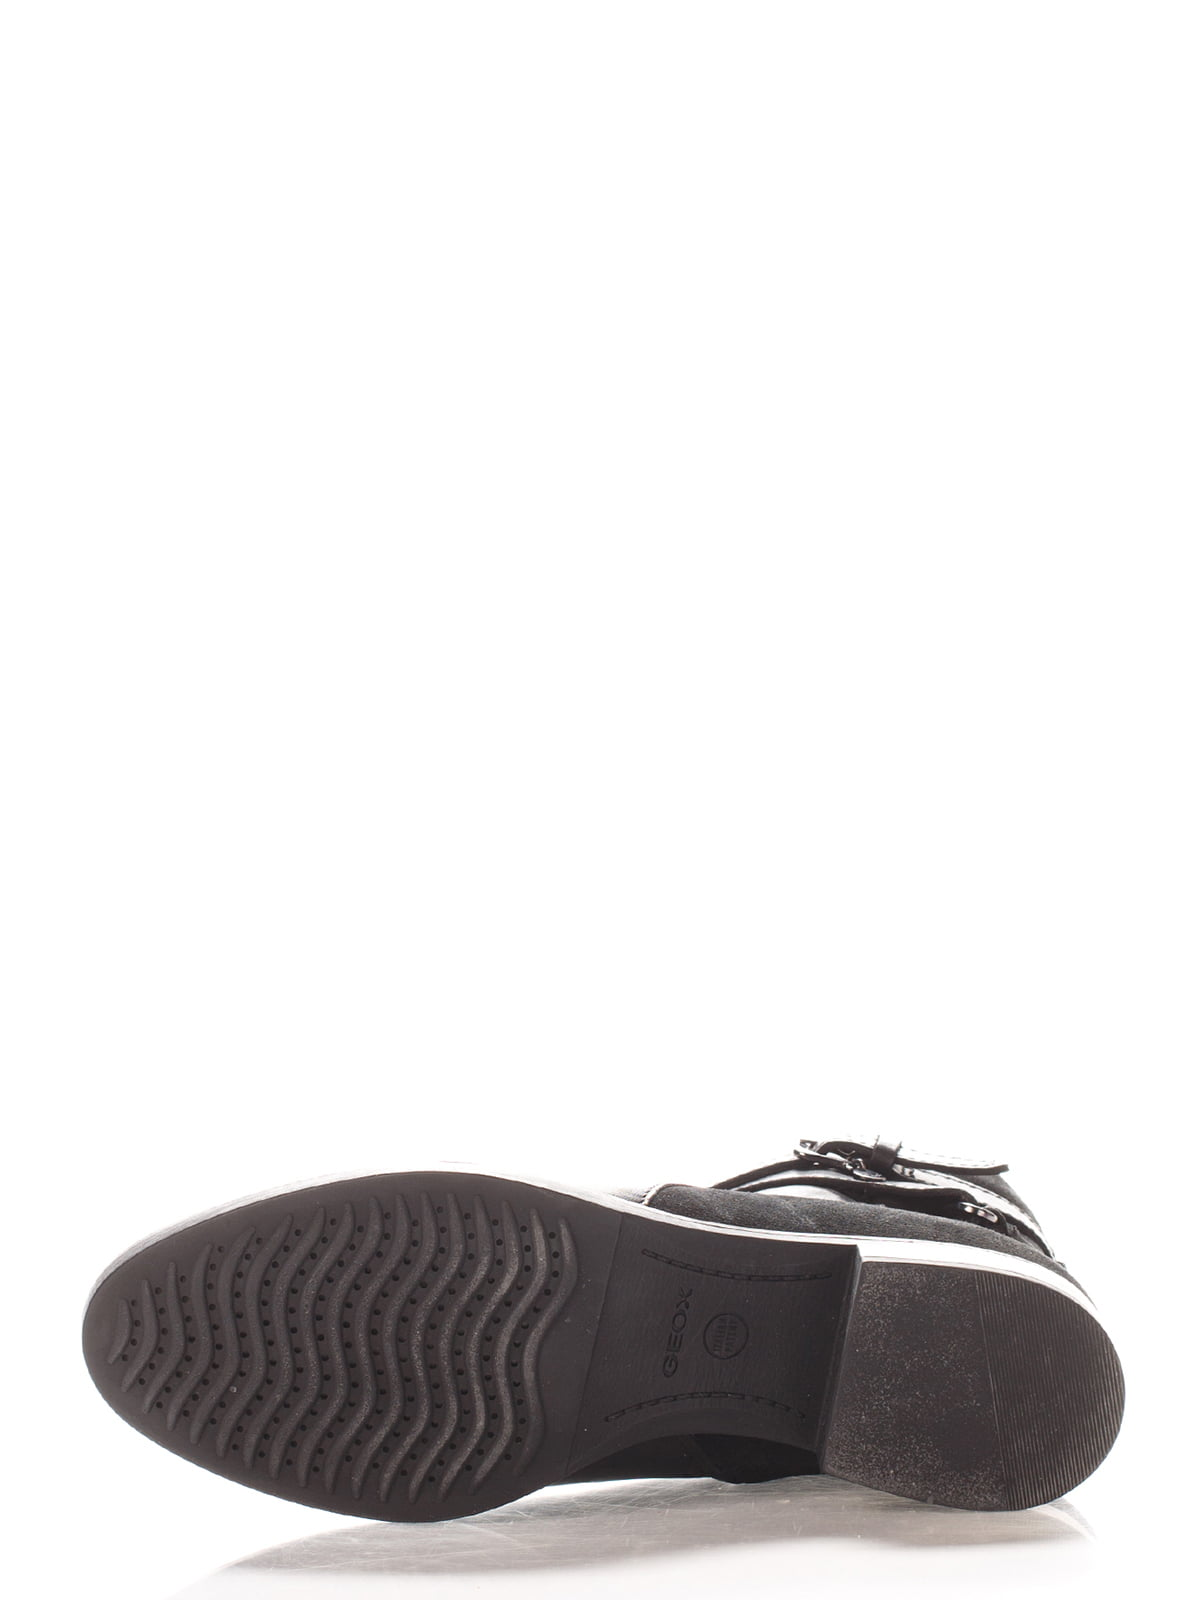 Ботинки черные | 4103931 | фото 4